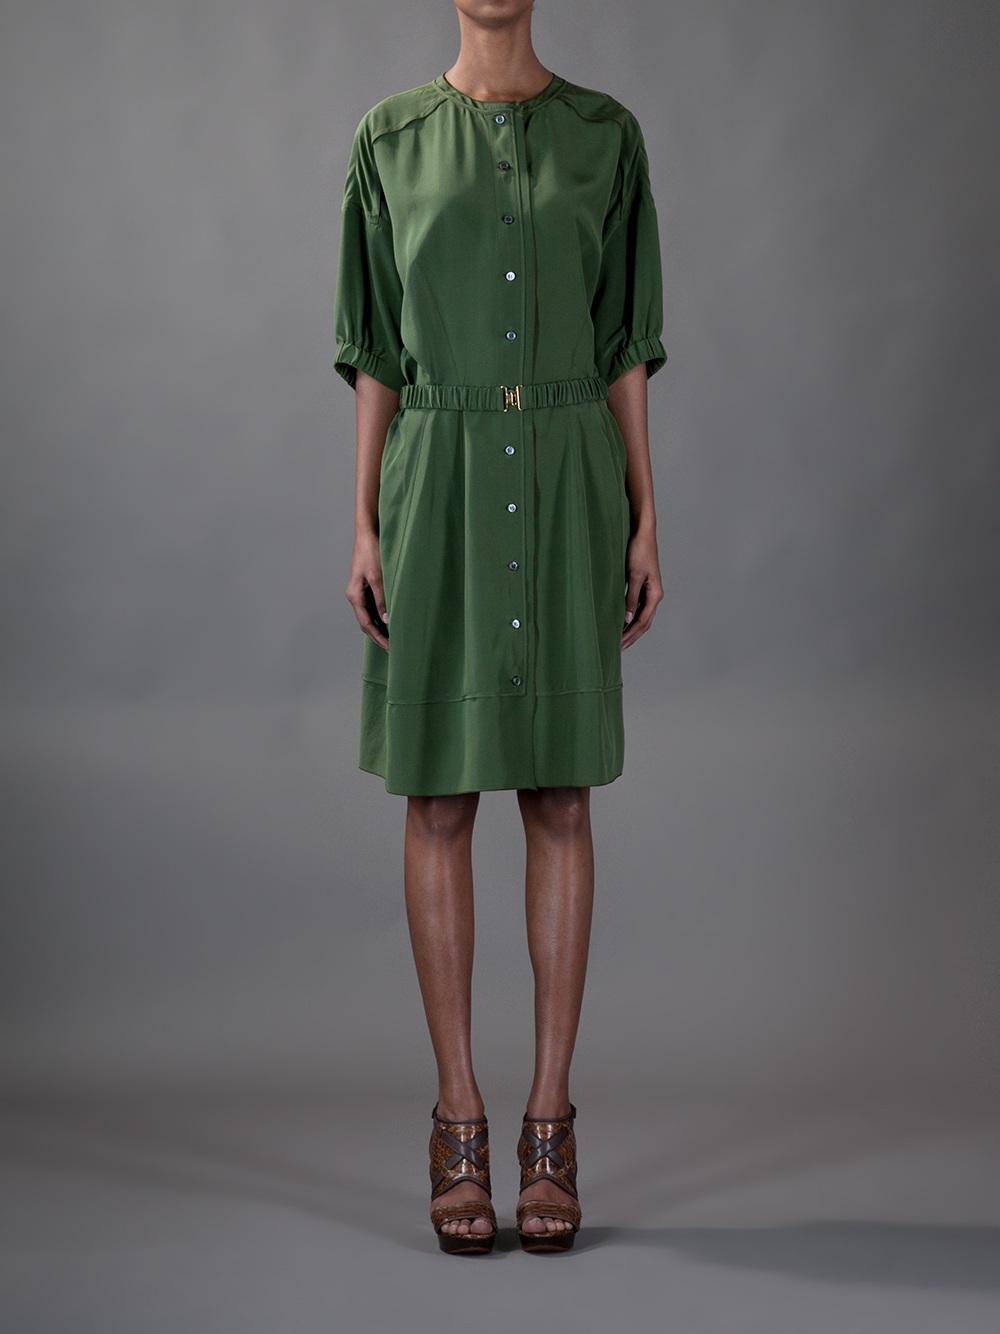 Lyst Derek Lam Silk Shirt Dress In Green